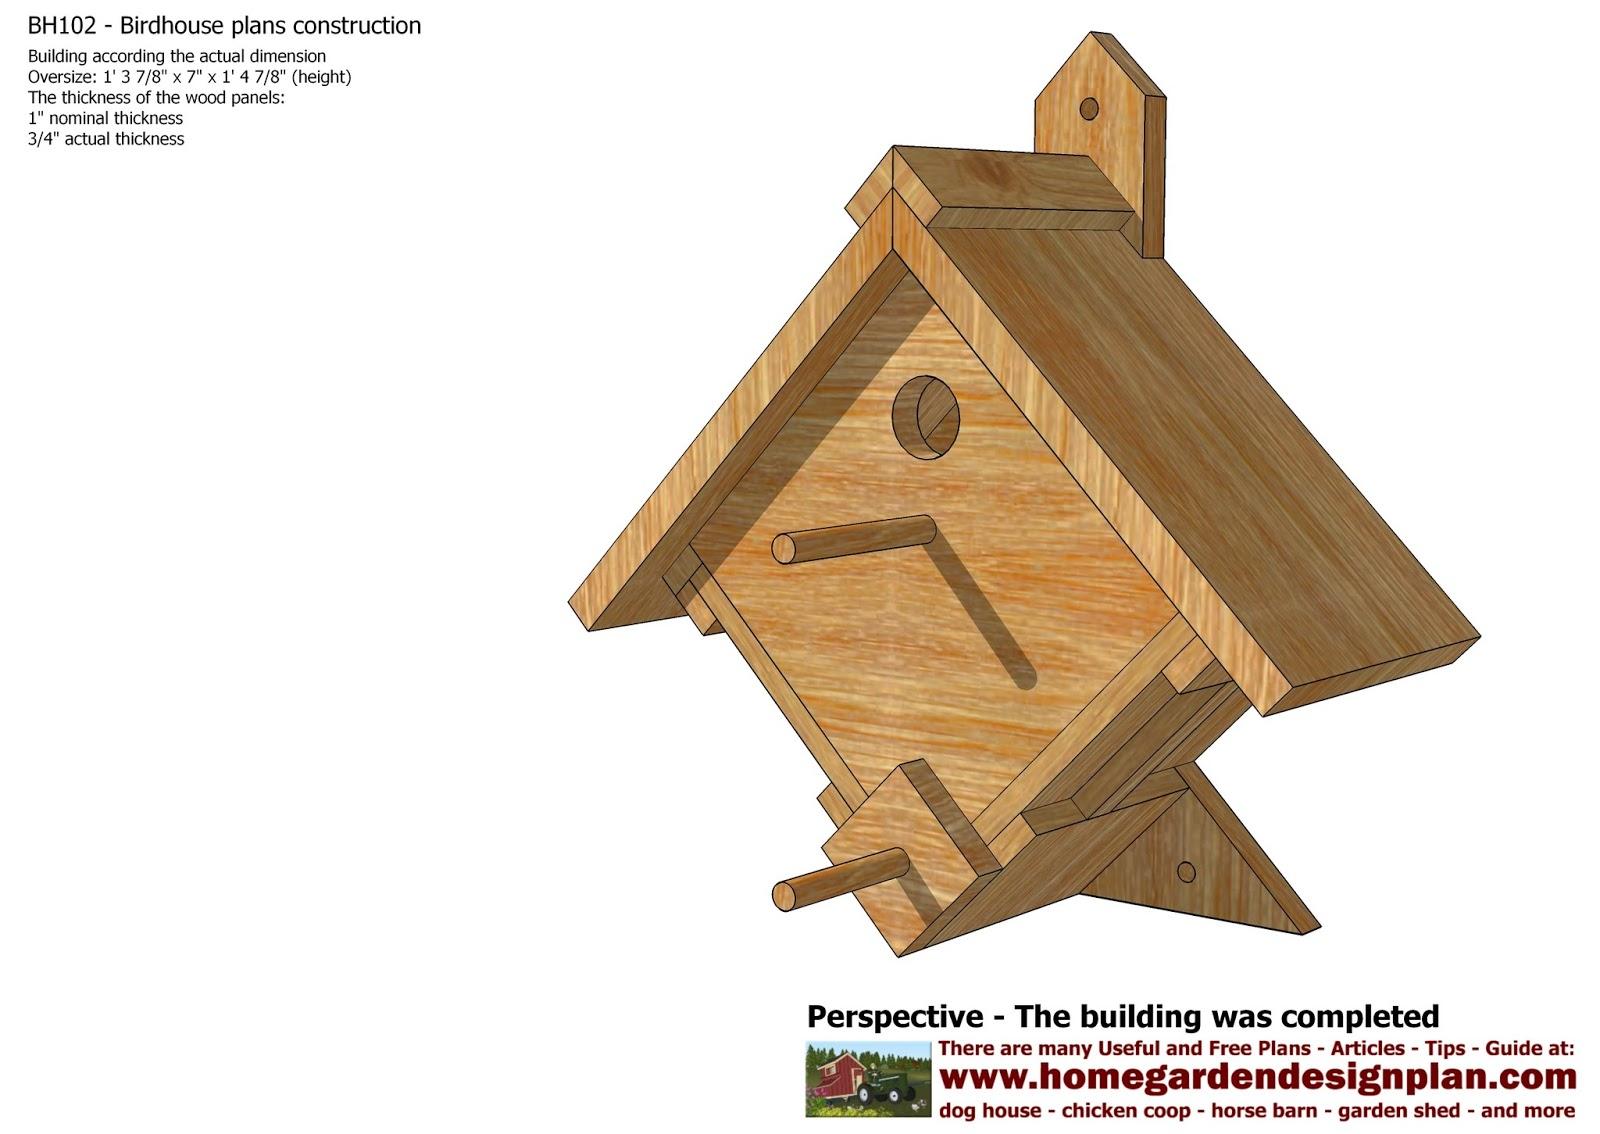 Mina bh102 bird house plans construction bird house for Building a quail house